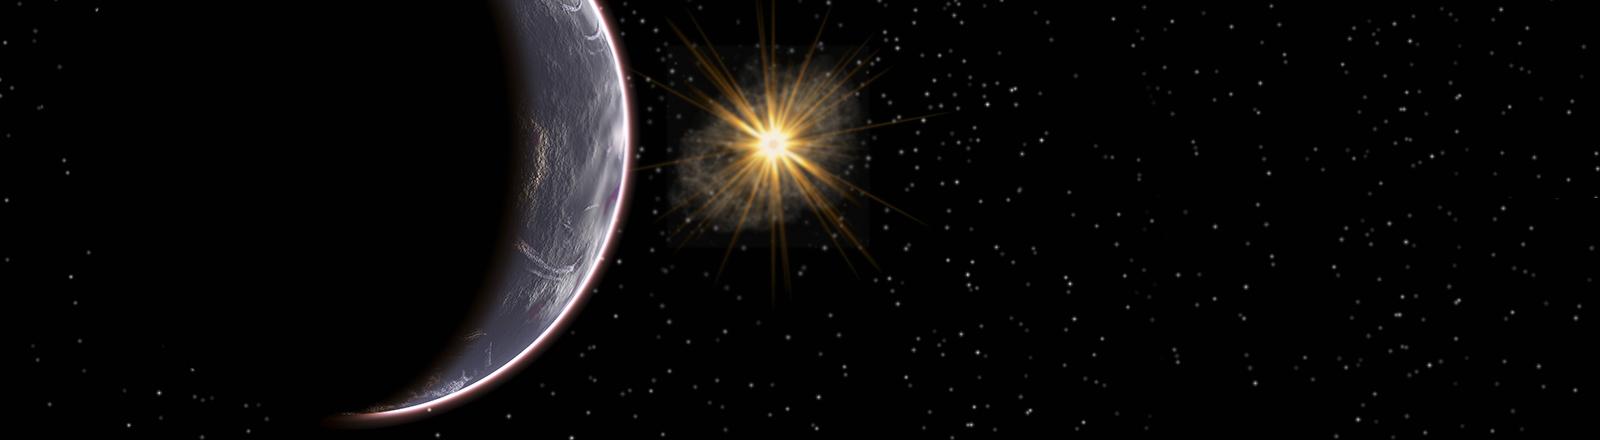 Eine Illustration des hypothetischen neunten Planeten in unserem Sonnensystem